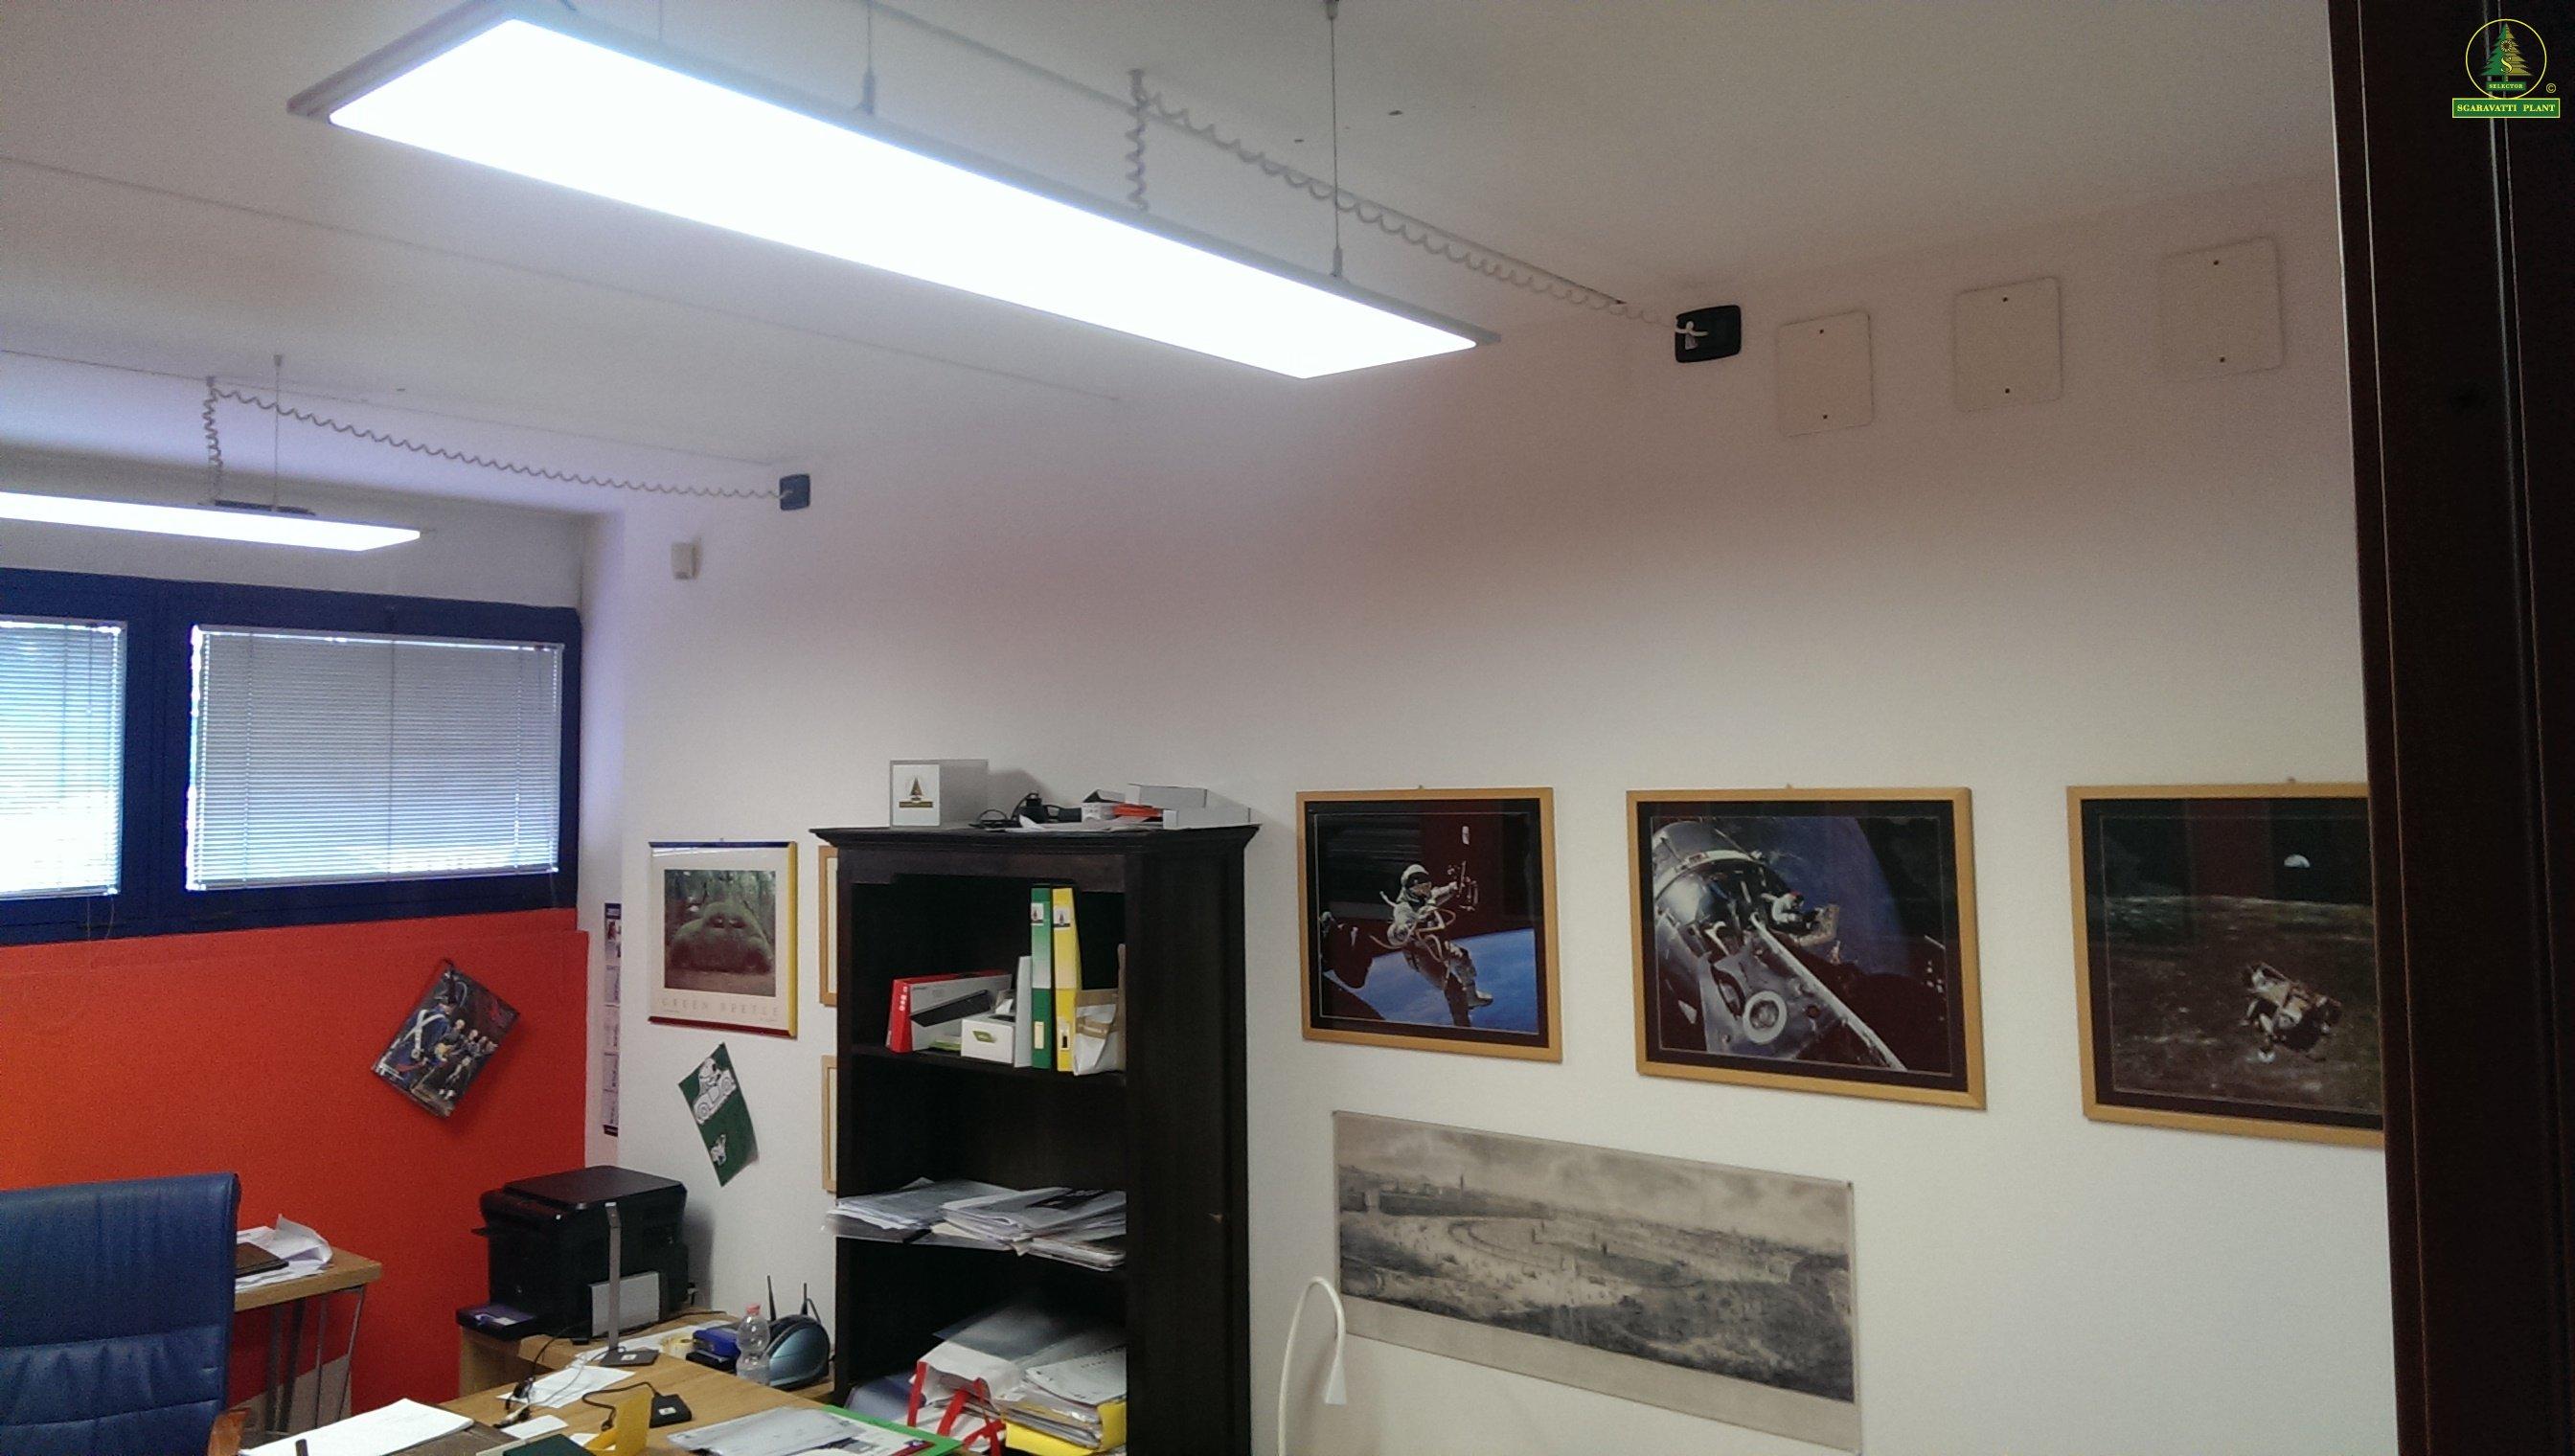 Luci Led Ufficio.Gallery Overview Sgaravatti Plantsgaravatti Plant